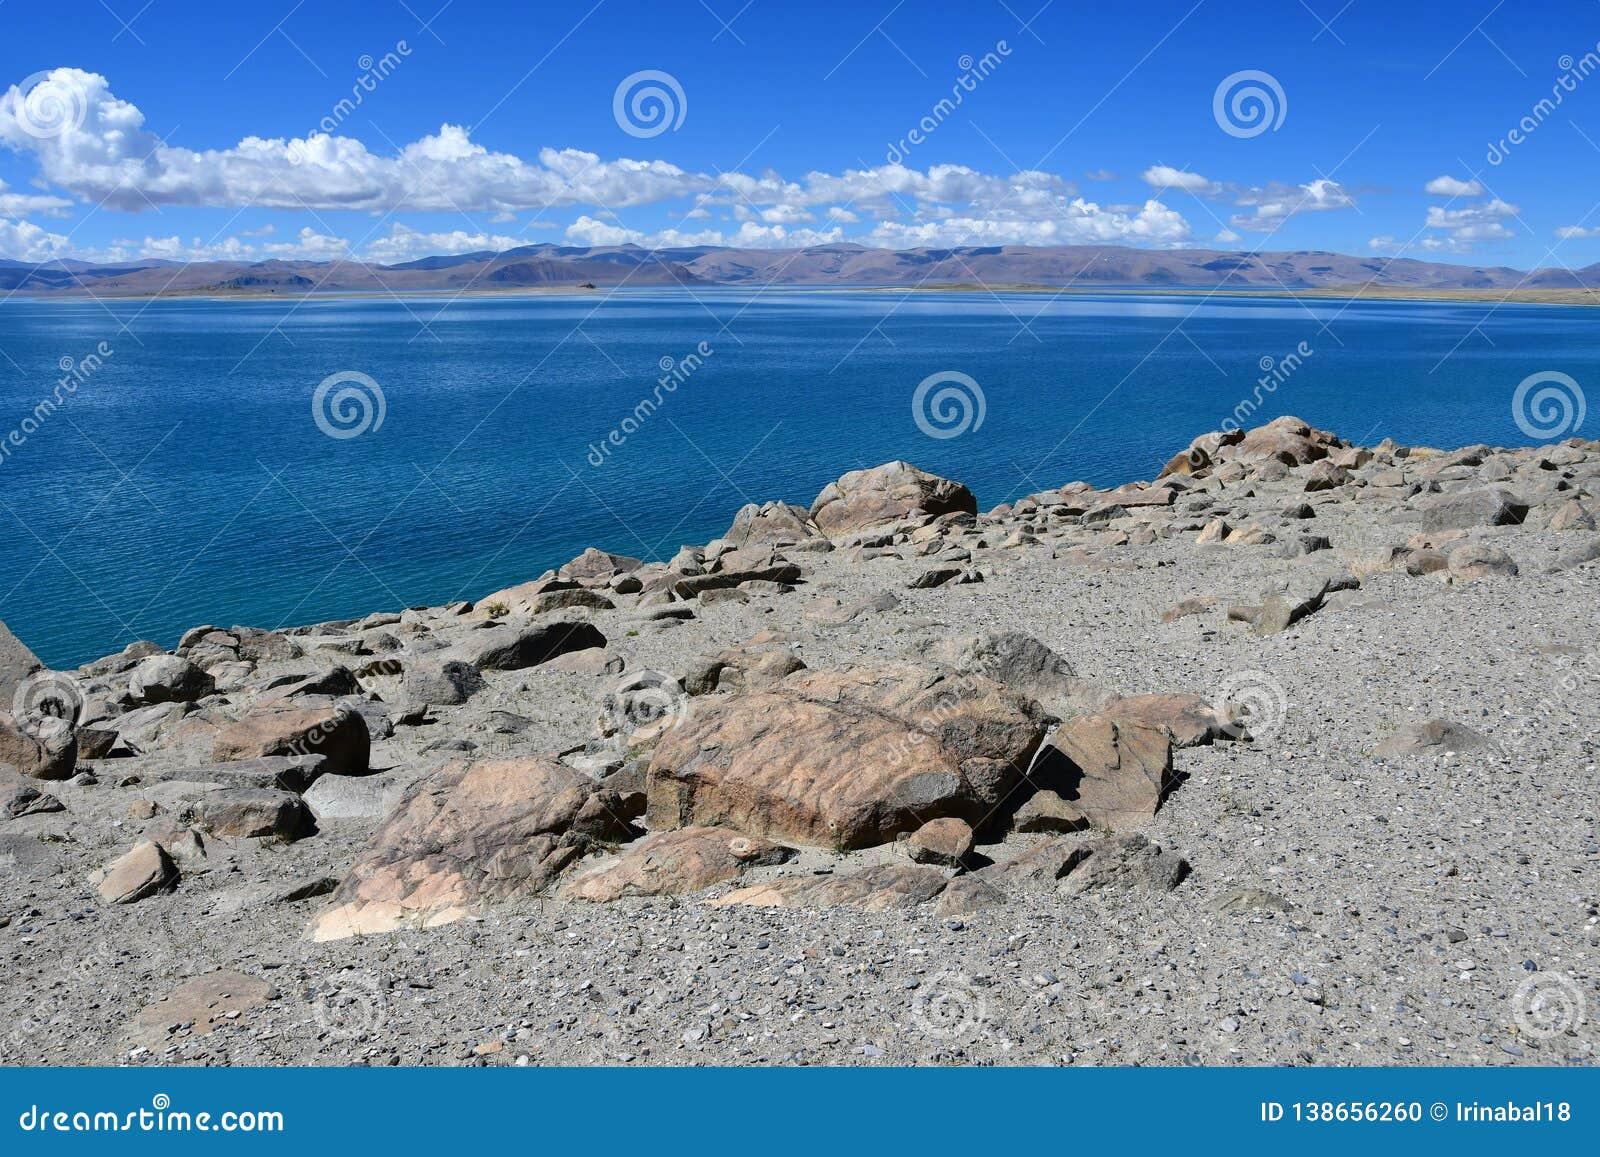 La Cina Grandi Laghi del Tibet Lago Teri Tashi Namtso nel giorno soleggiato a giugno